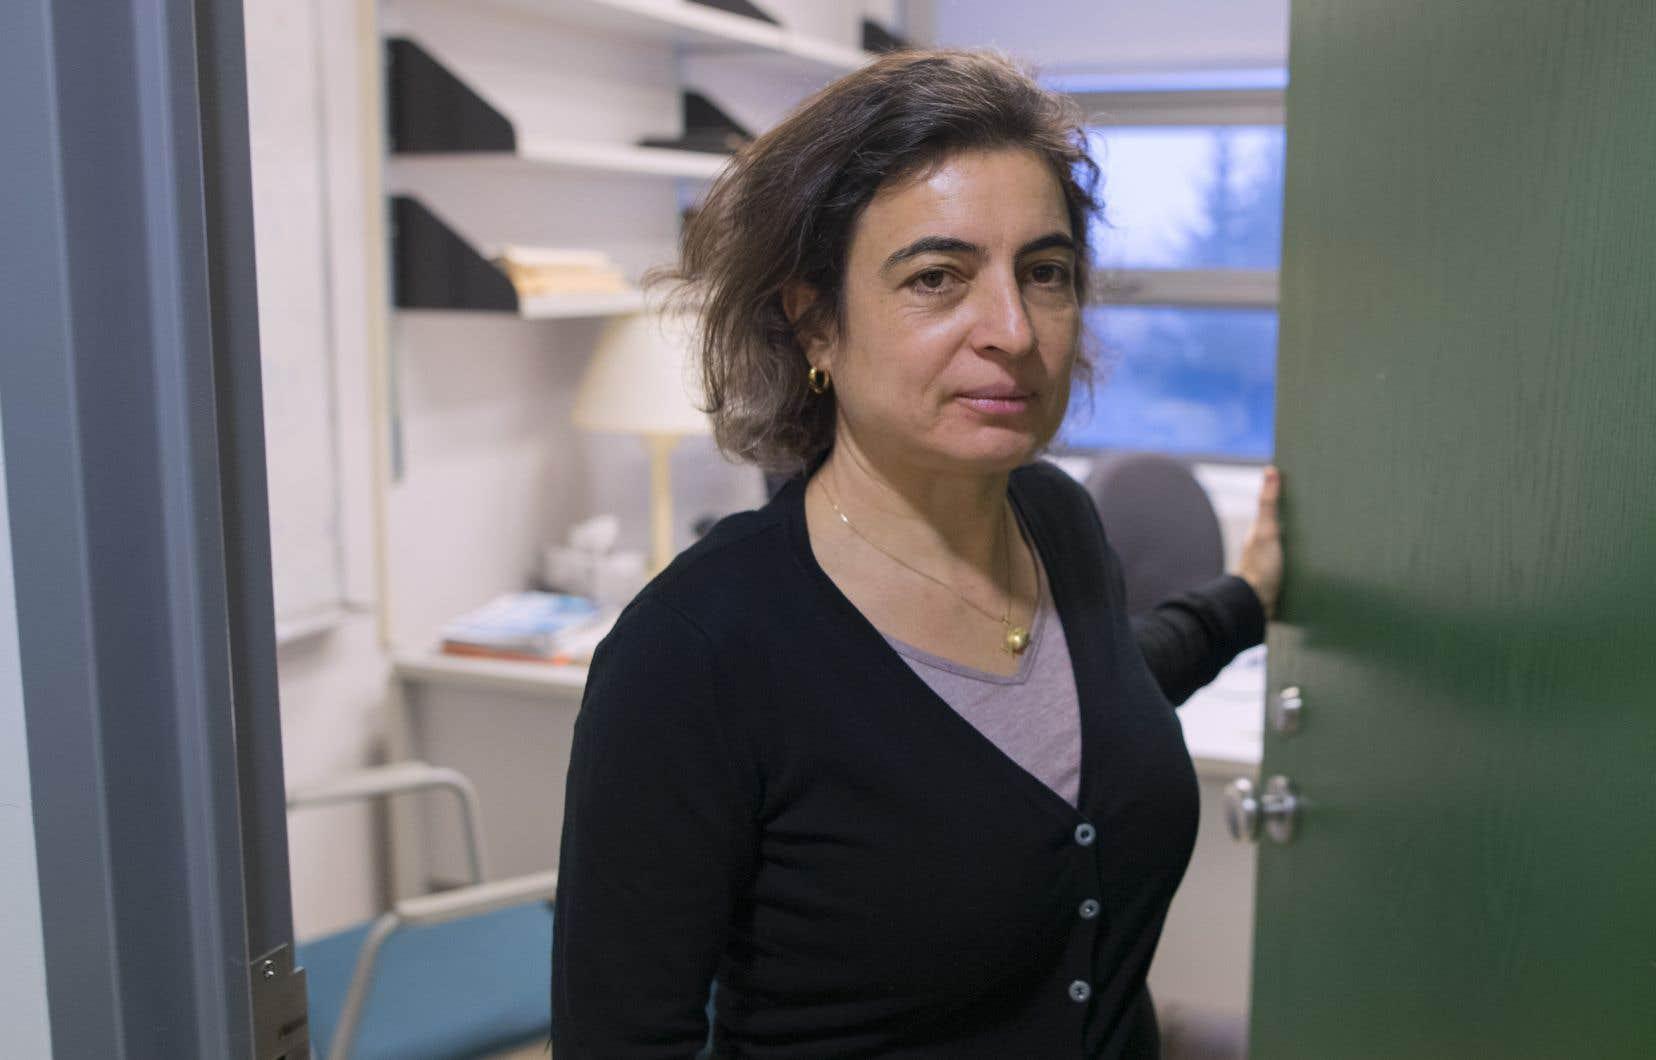 La direction de l'Alliance des professeures et professeurs de Montréal a annulé l'invitation faite à Nadia El-Mabrouk après l'éclatement d'une controverse chez les enseignants.